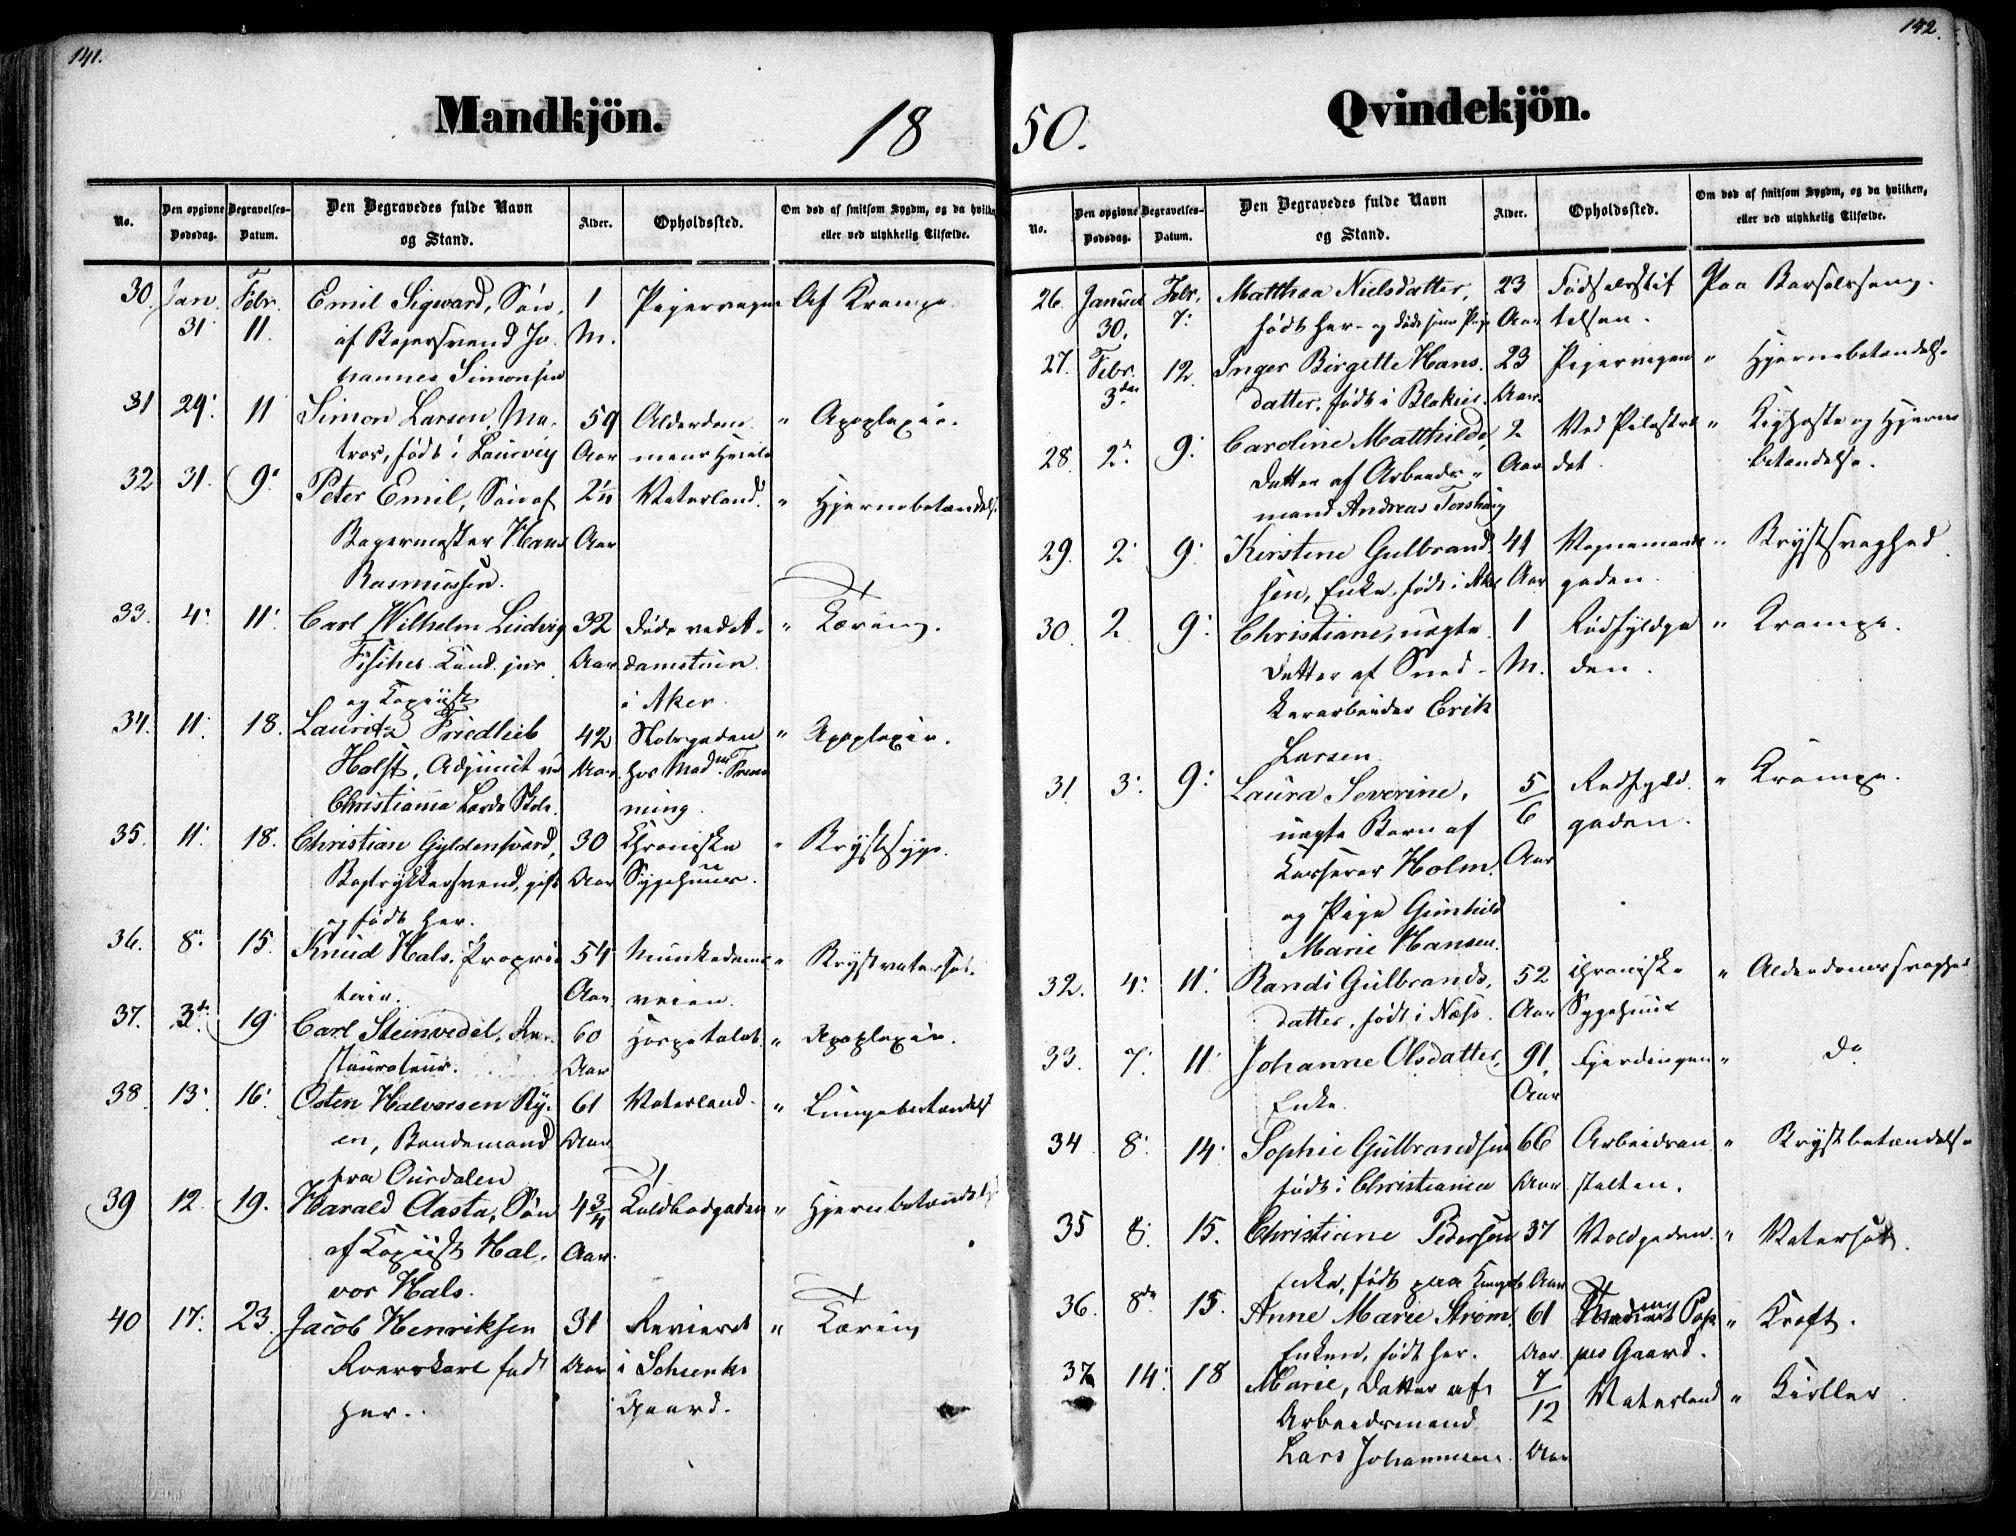 SAO, Oslo domkirke Kirkebøker, F/Fa/L0025: Ministerialbok nr. 25, 1847-1867, s. 141-142